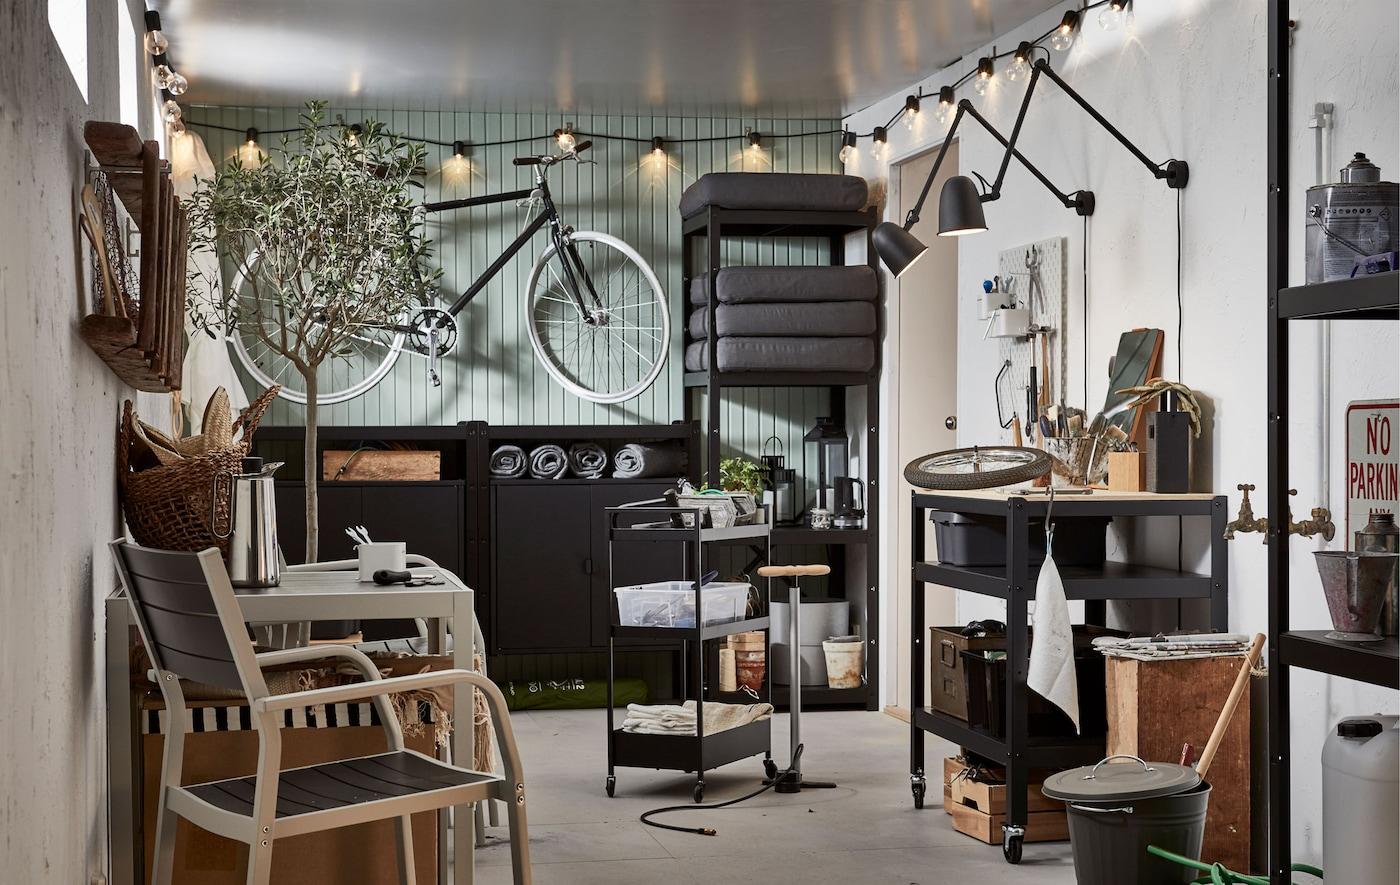 Garagelignende rum med en cykel hængt op på væggen, reoler med udendørsting, en stol, kaffe, stemningsbelysning og funktionel belysning.